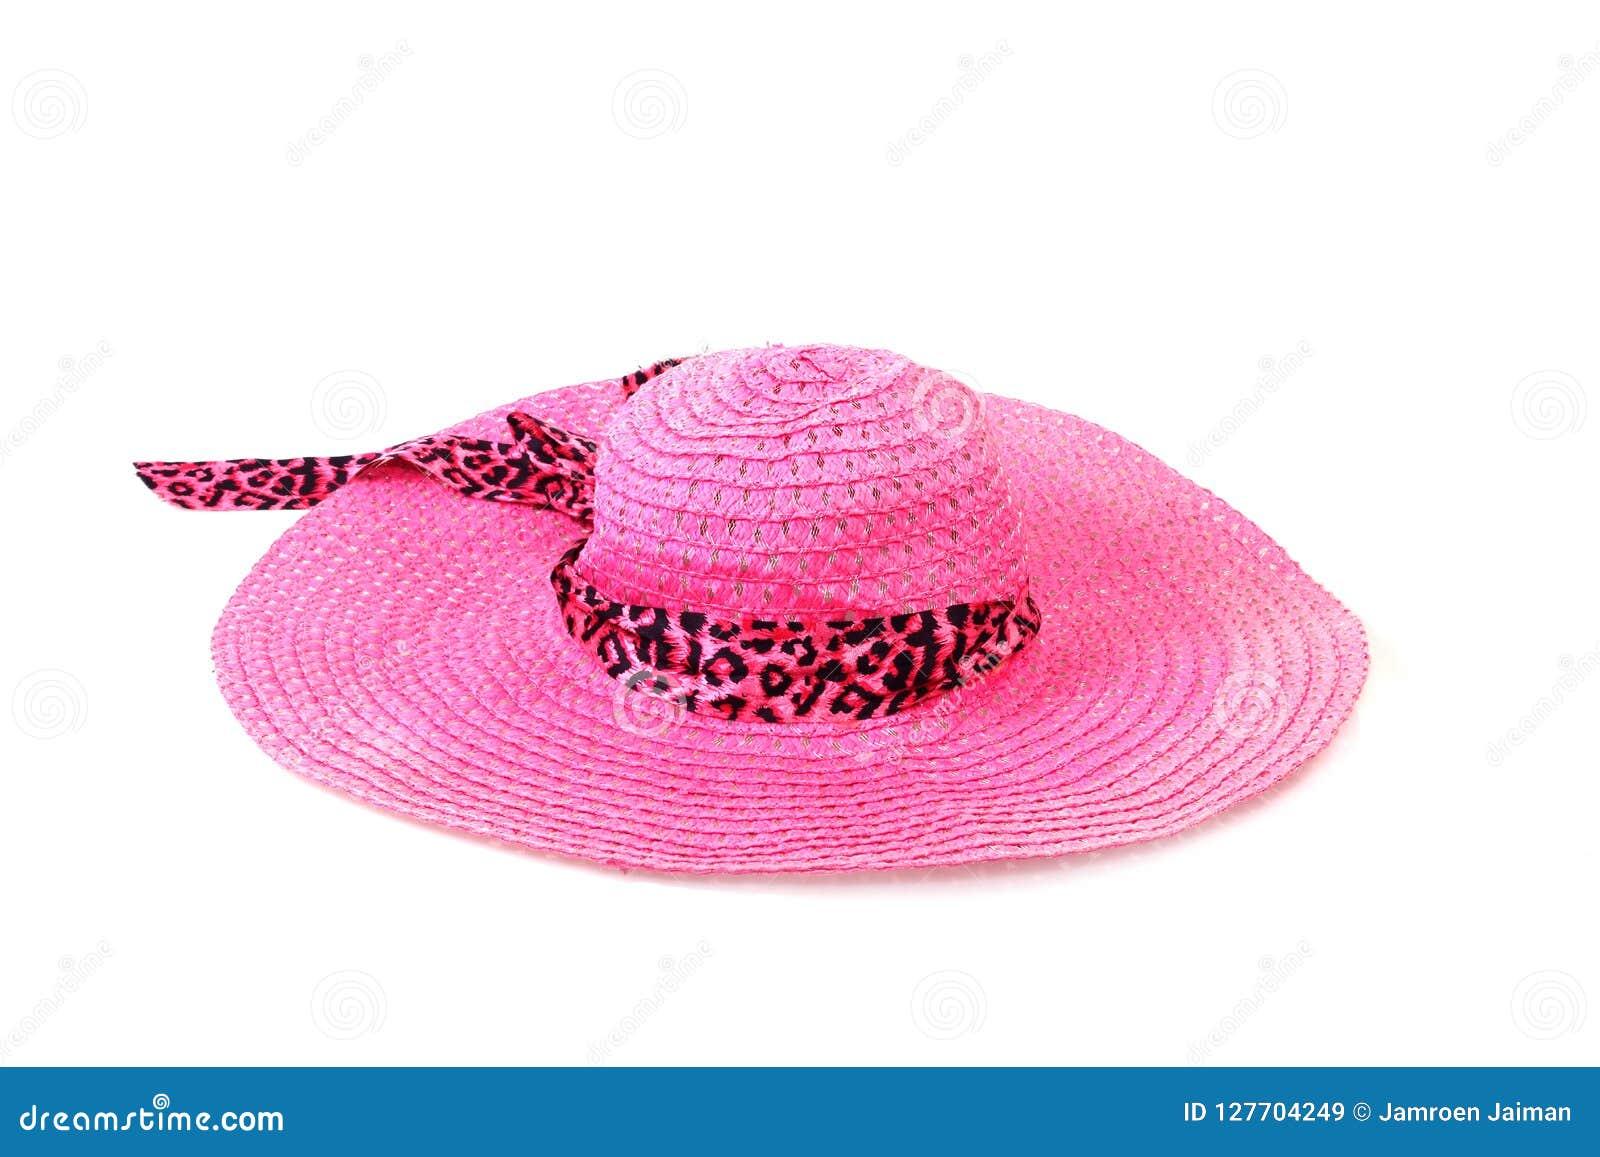 Chapéu De Palha Bonito Com Fita E Curva No Fundo Branco E Imagem de ... 1384ff5eedf